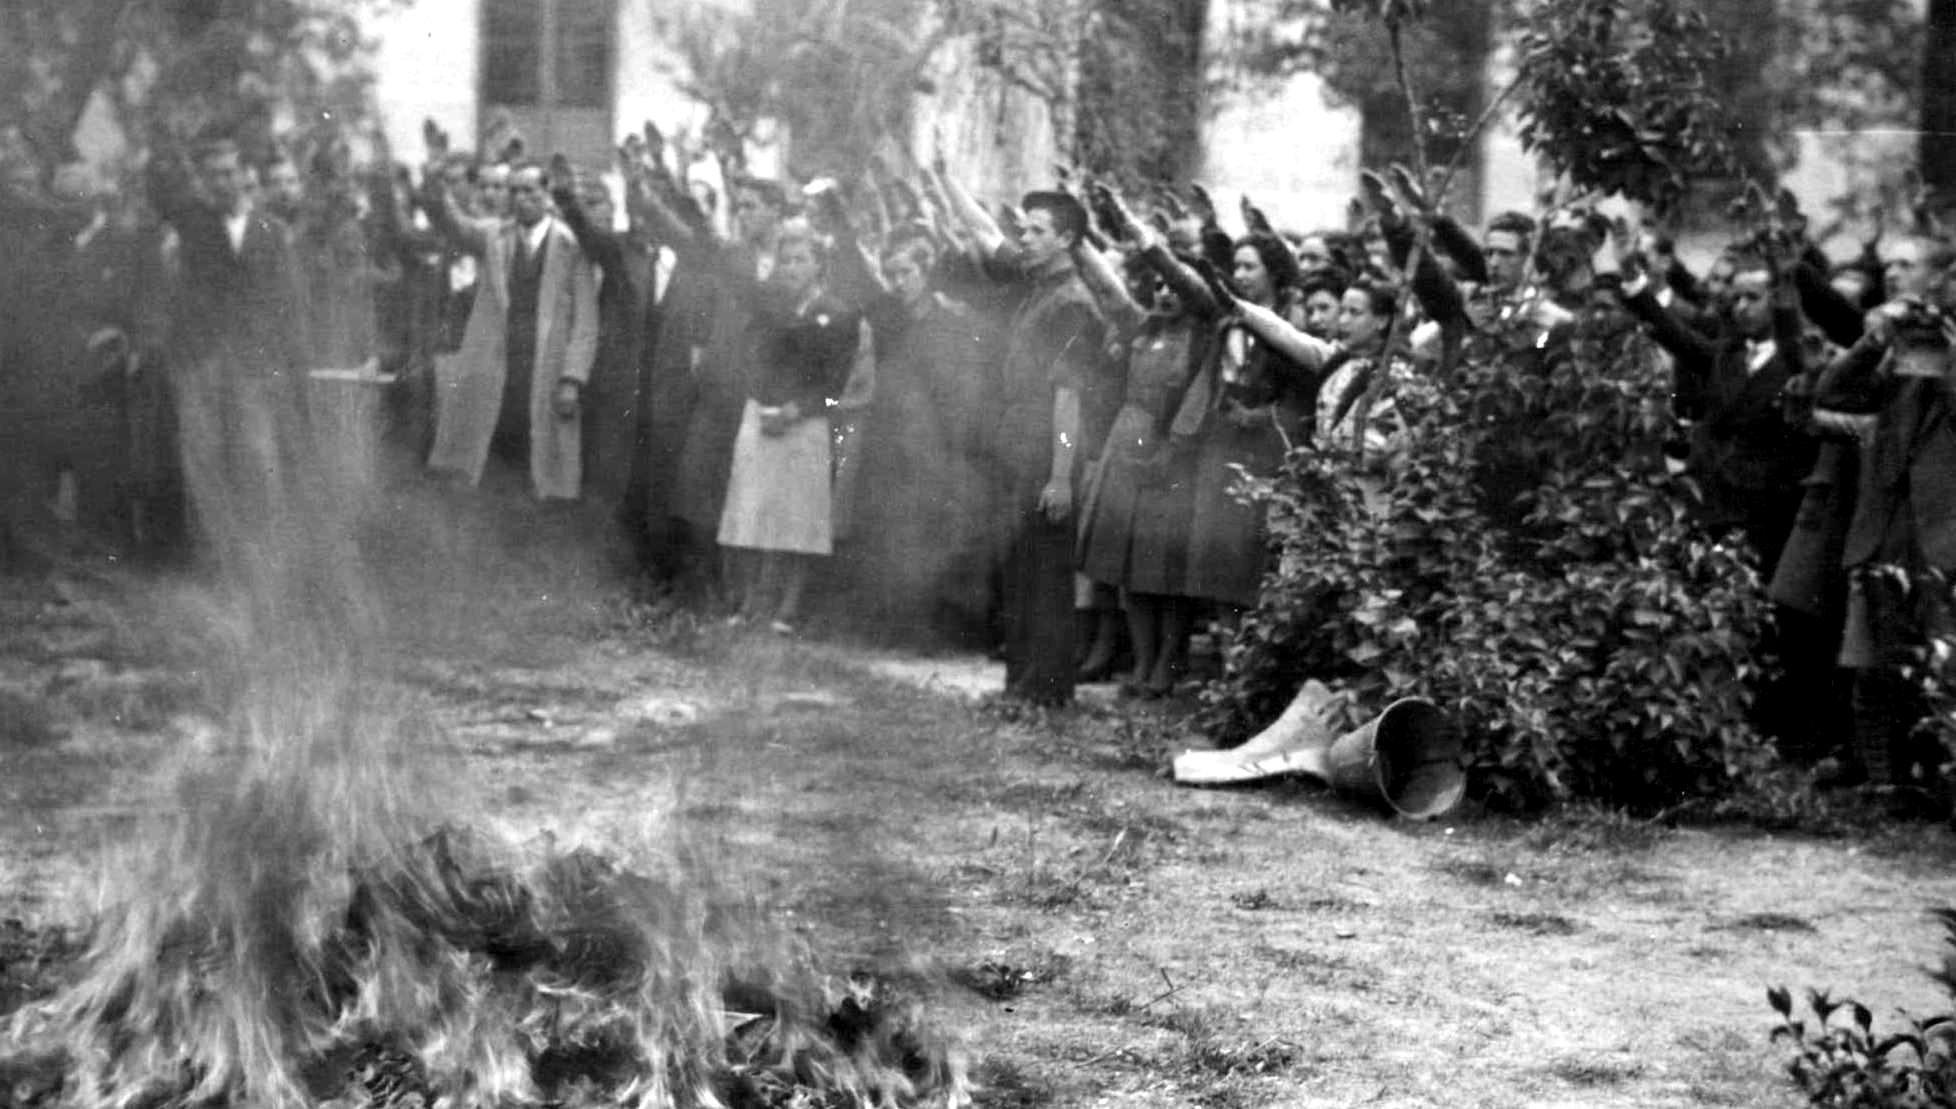 En la Universidad Central de Madrid se ha celebrado un acto en el que se ha hecho la quema simbólica de libros.